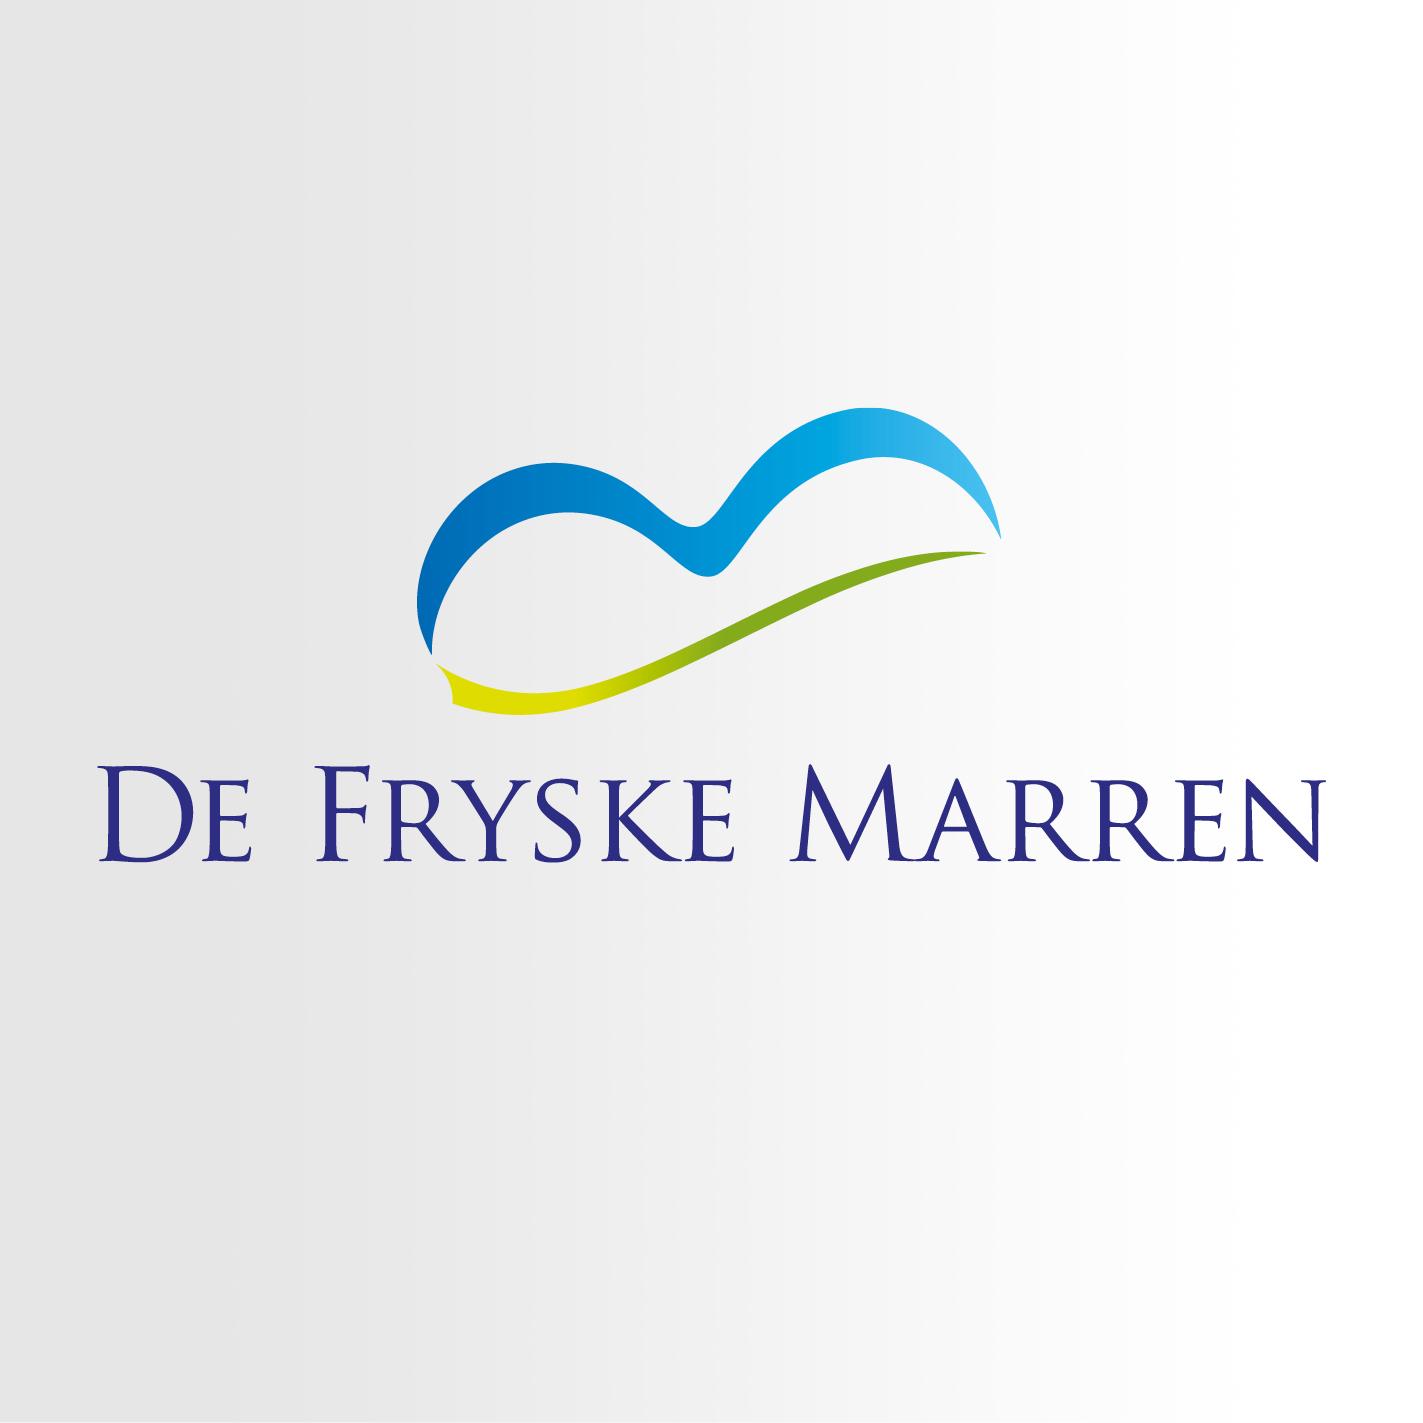 KlaasJetze.nl Gemeente De Fryske Marren - KlaasJetze.nl